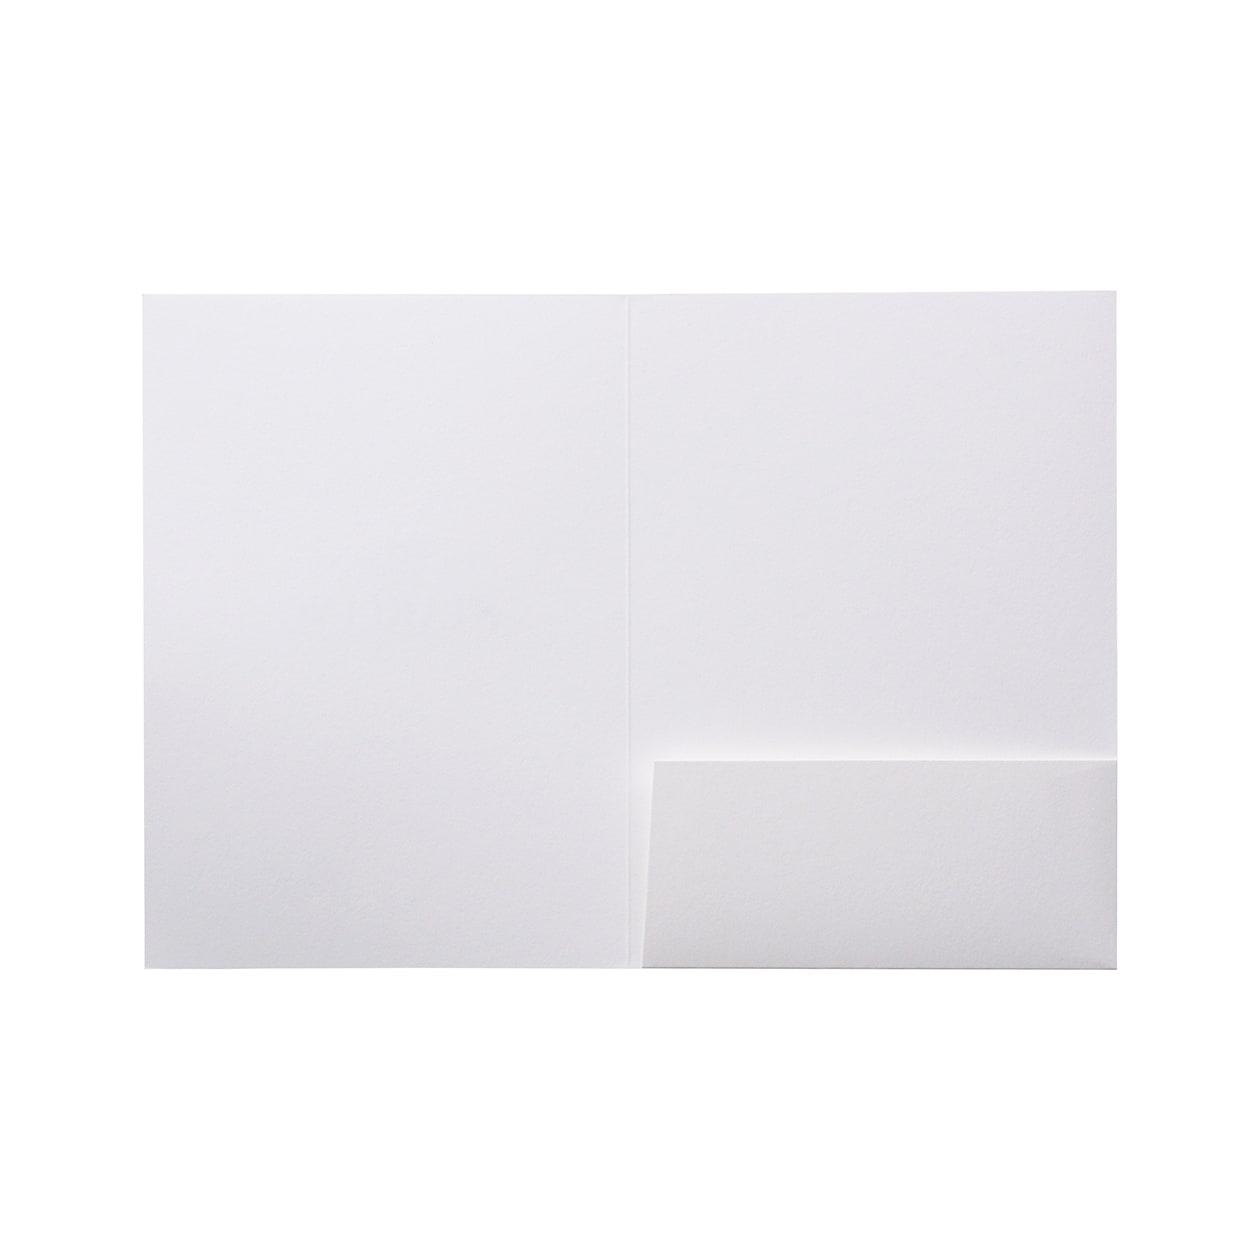 サンプル カード・シート 00270